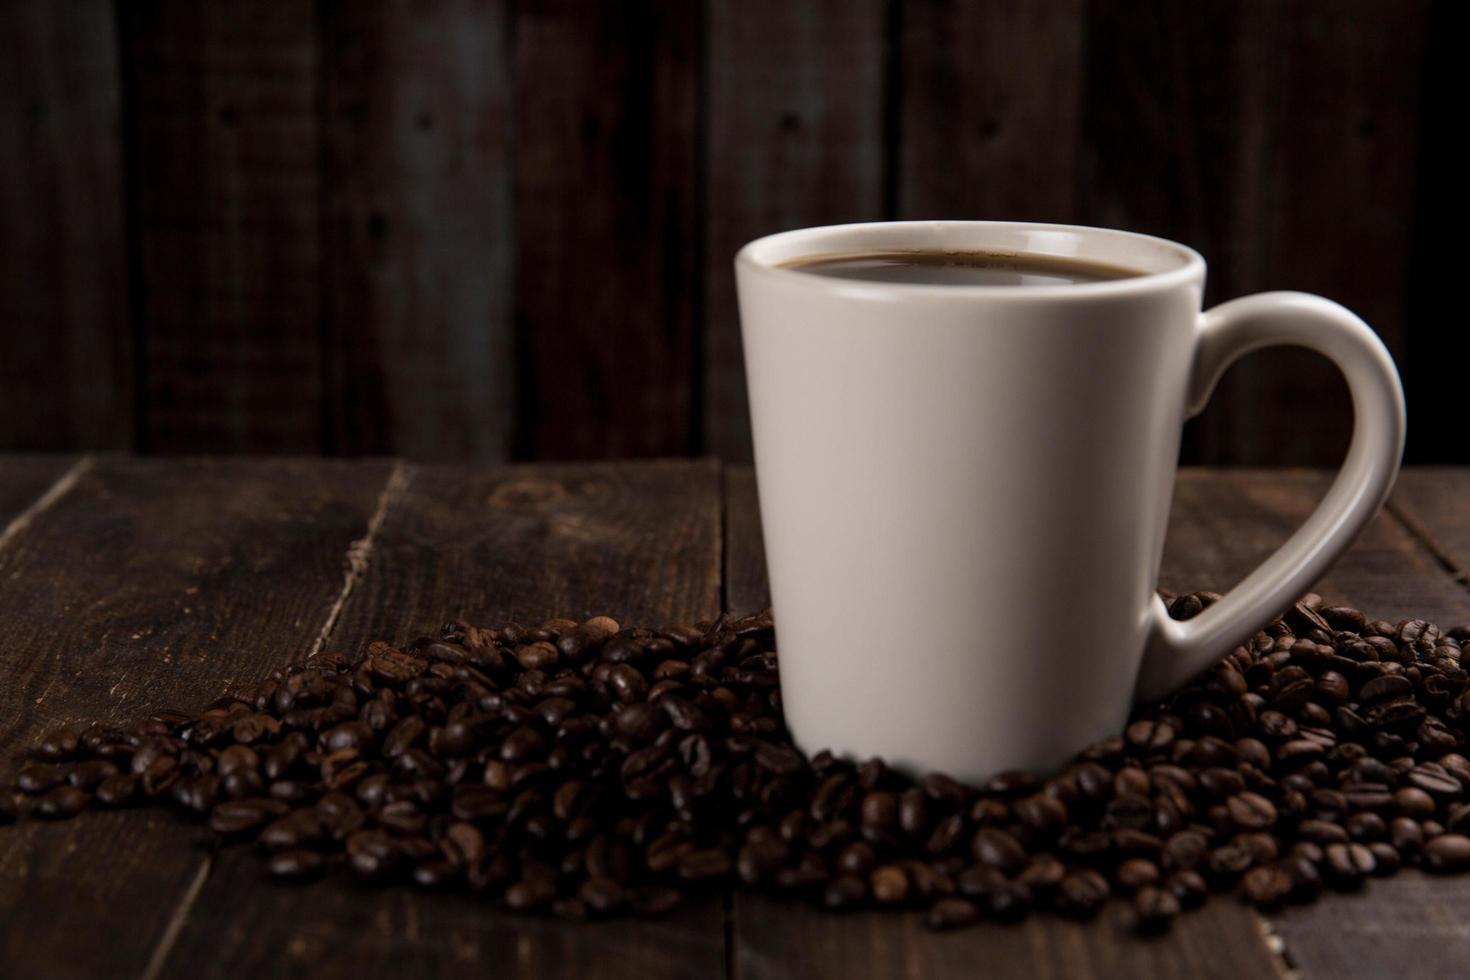 taza de café sobre fondo oscuro foto